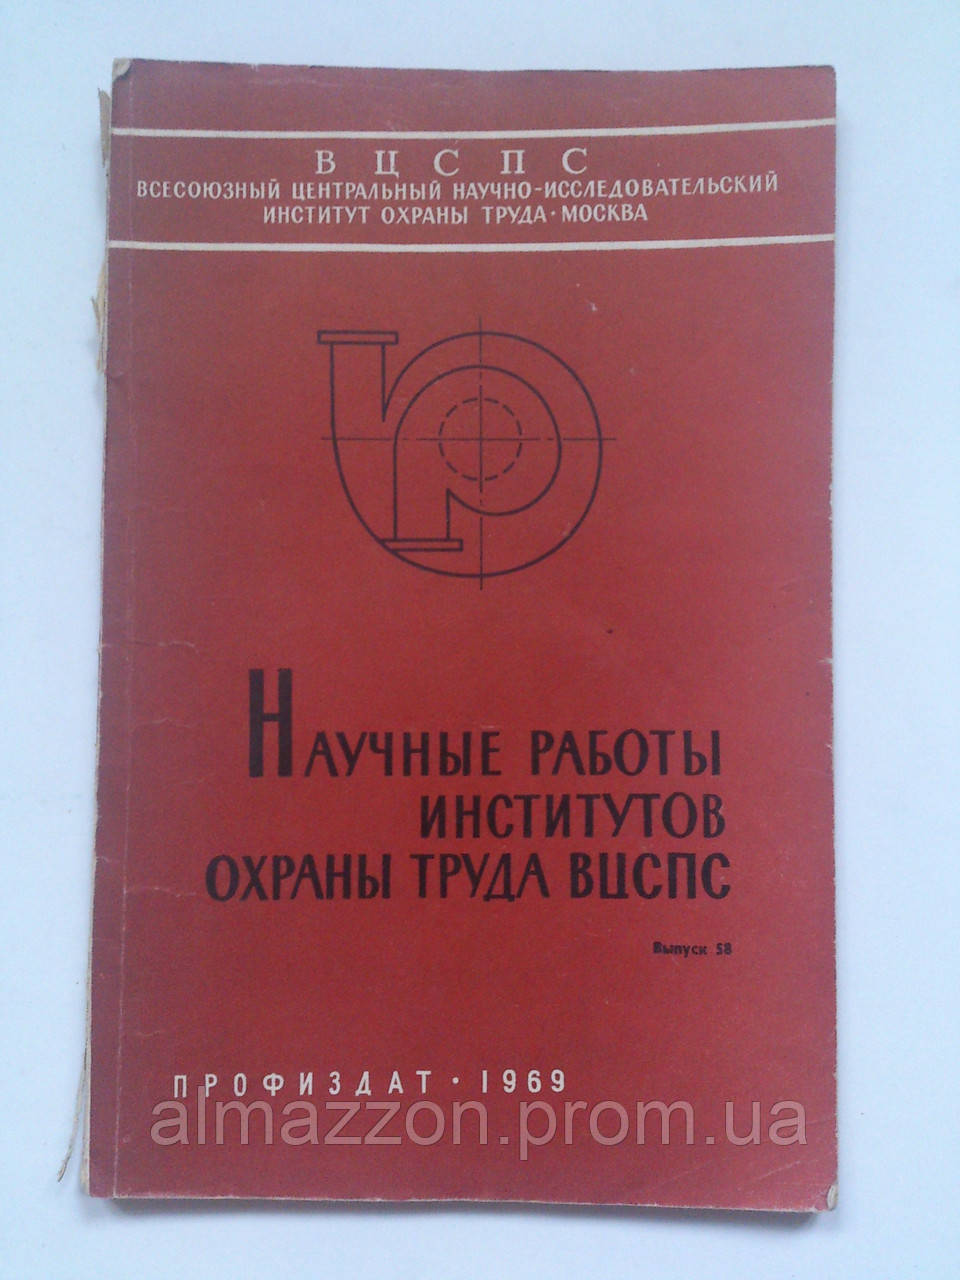 Научные работы институтов охраны труда ВЦСПС. Выпуск 58. Профиздат. 1969 год